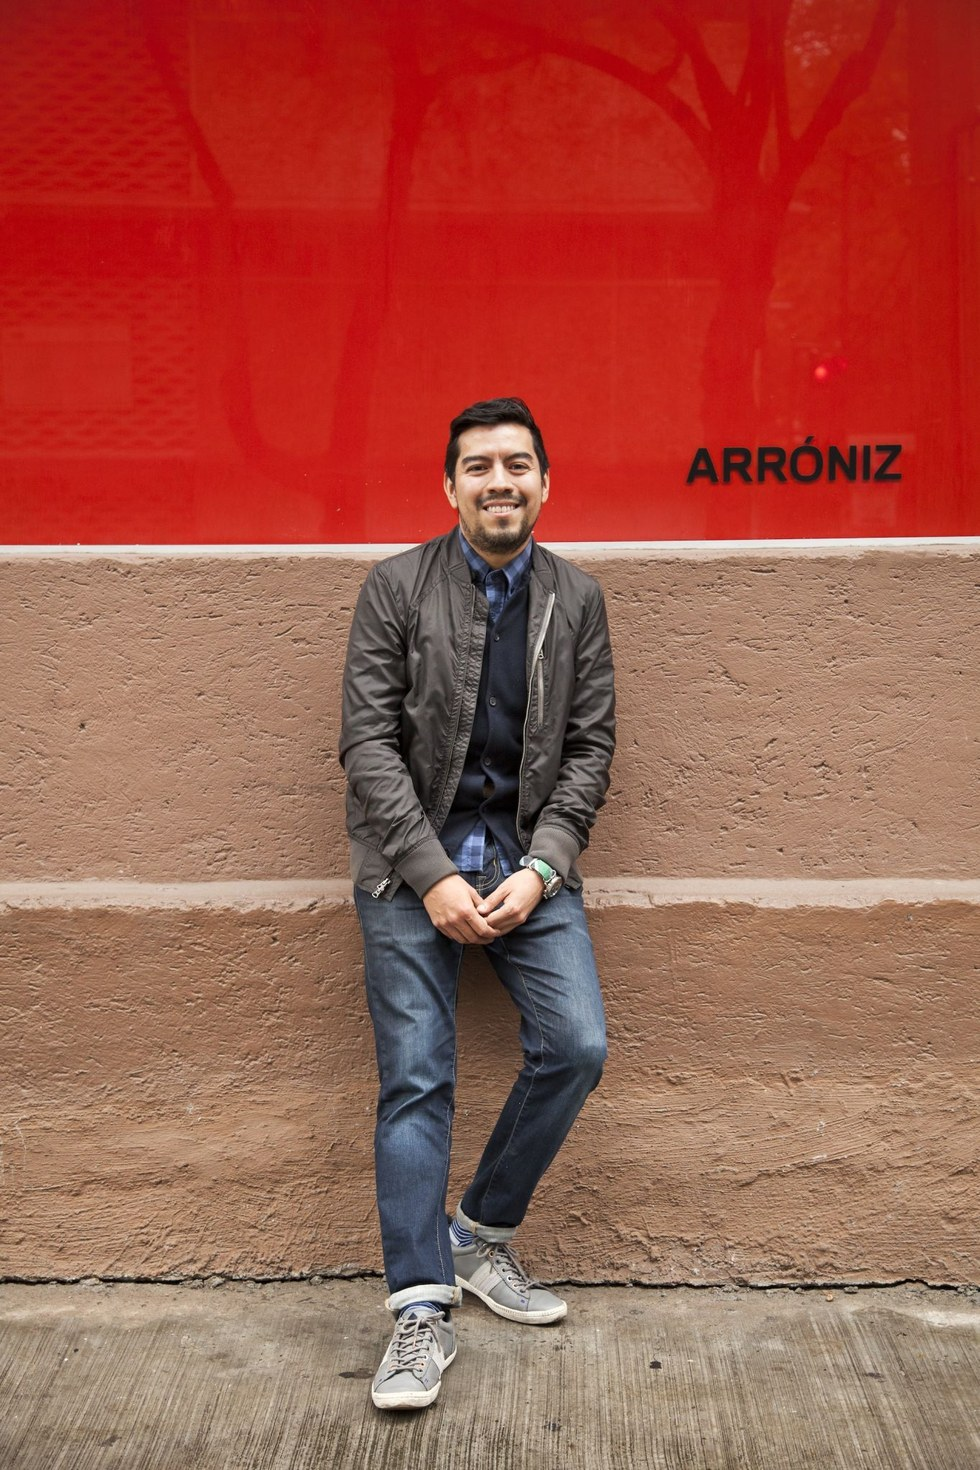 Gustavo Arróniz